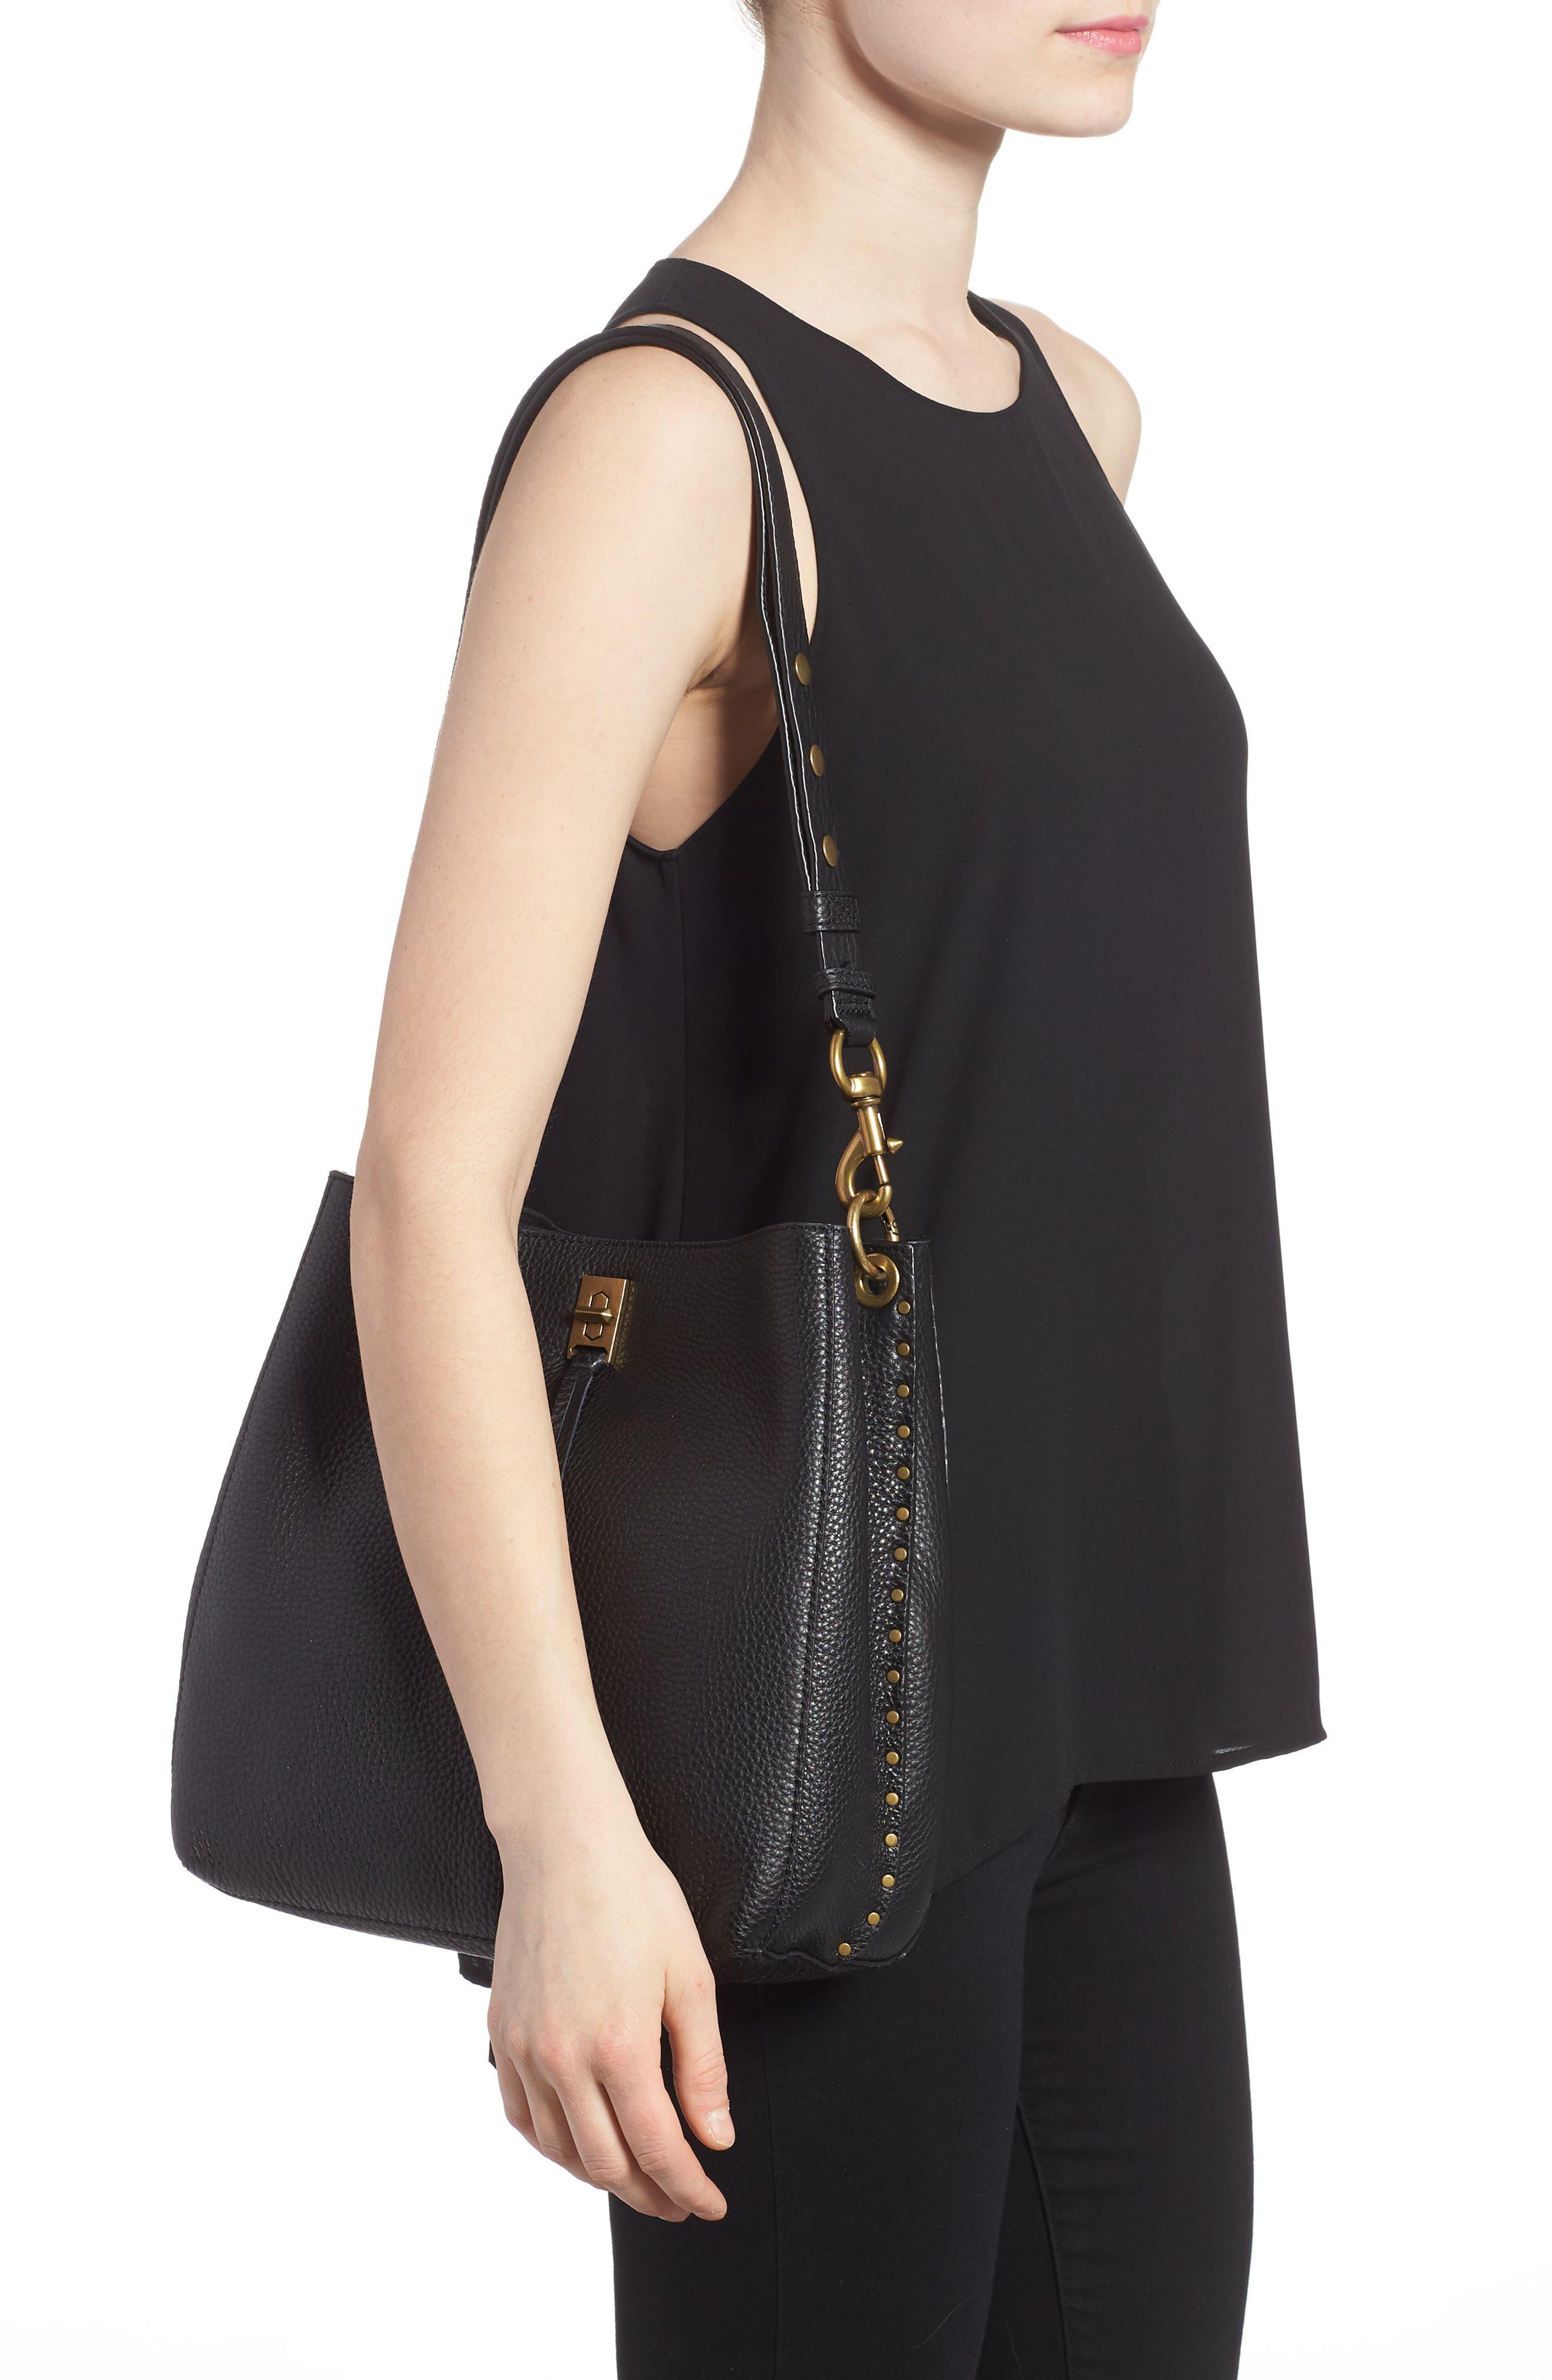 Darren Deerskin Leather Shoulder Bag,                             Alternate thumbnail 2, color,                             Black